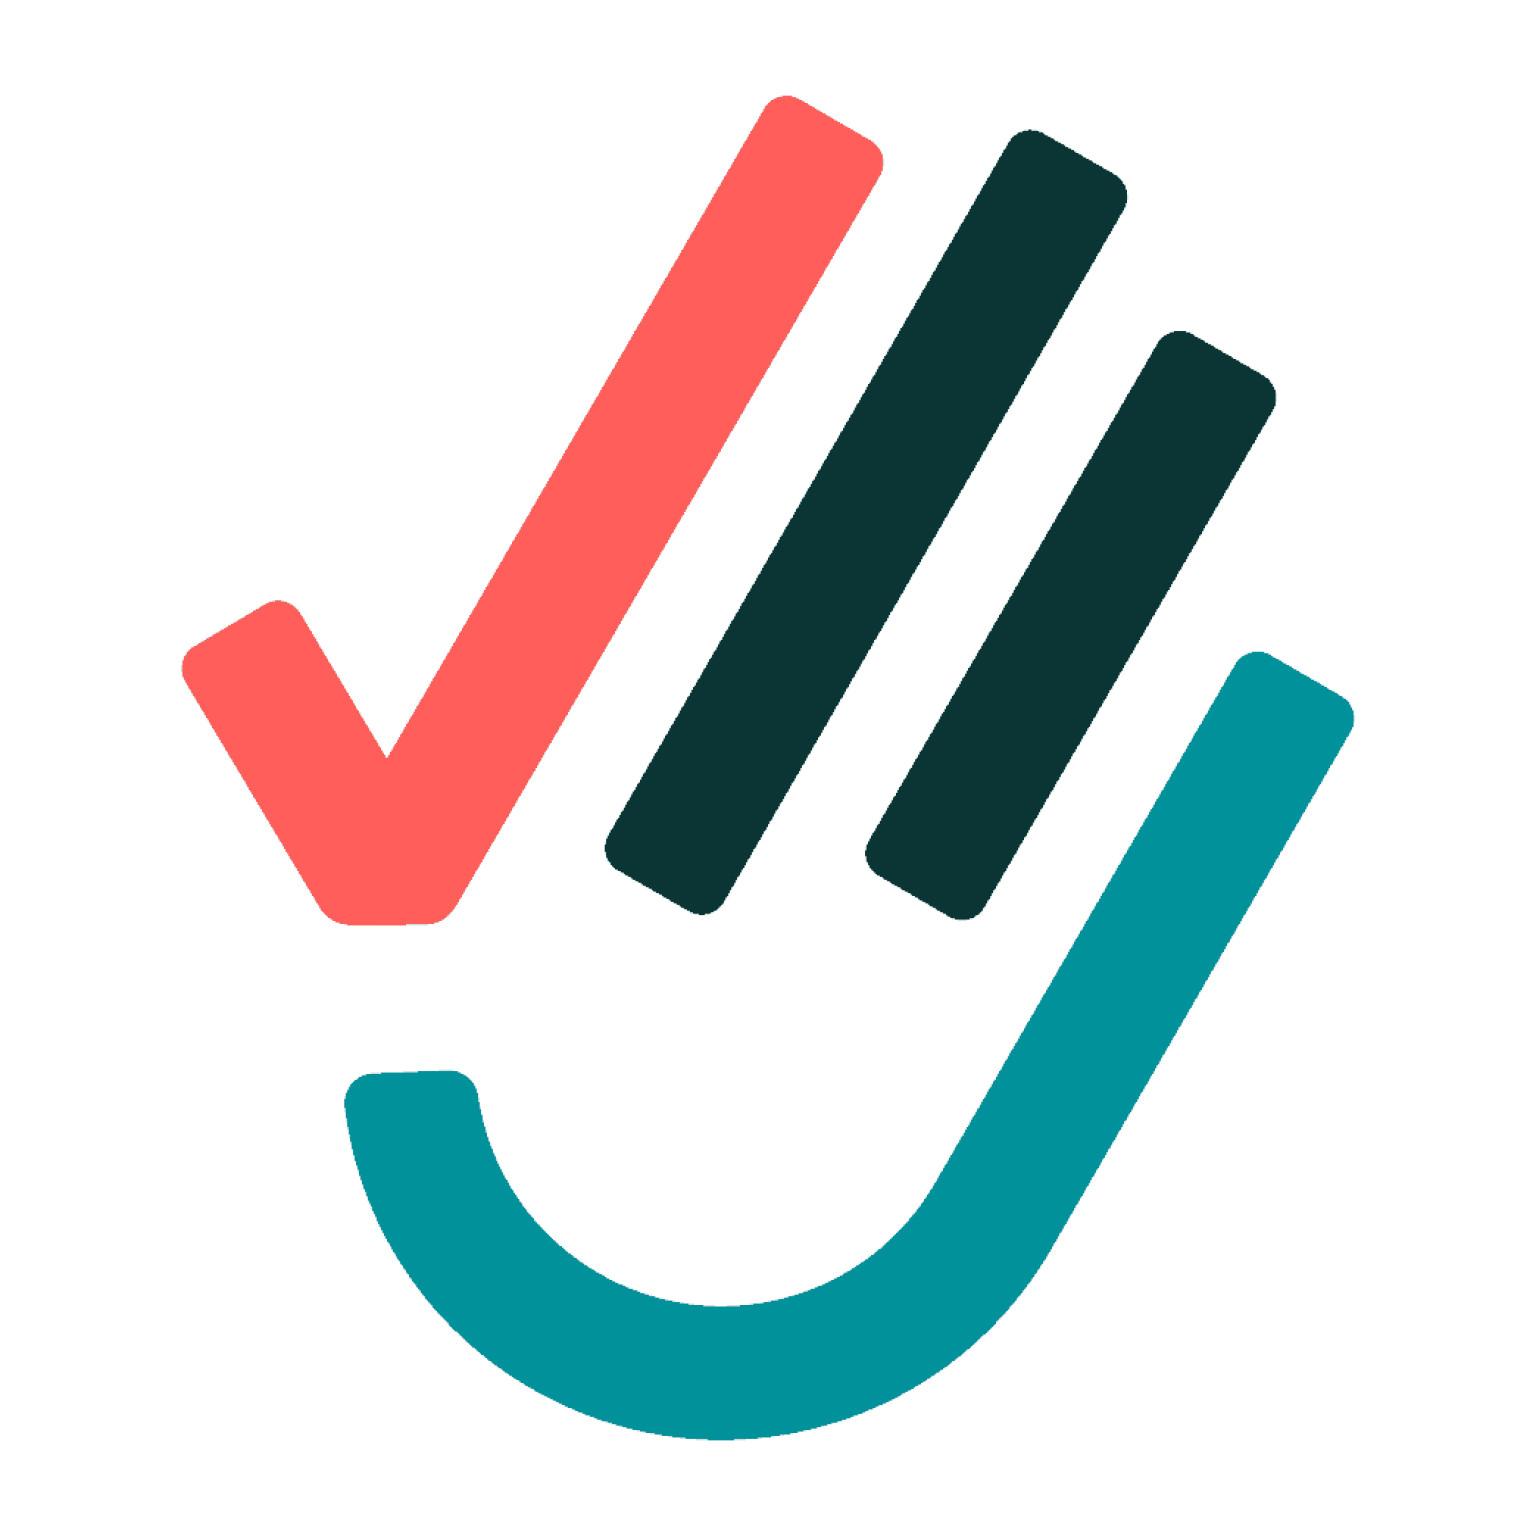 Logo of social peer-to-peer lending site Lendahand